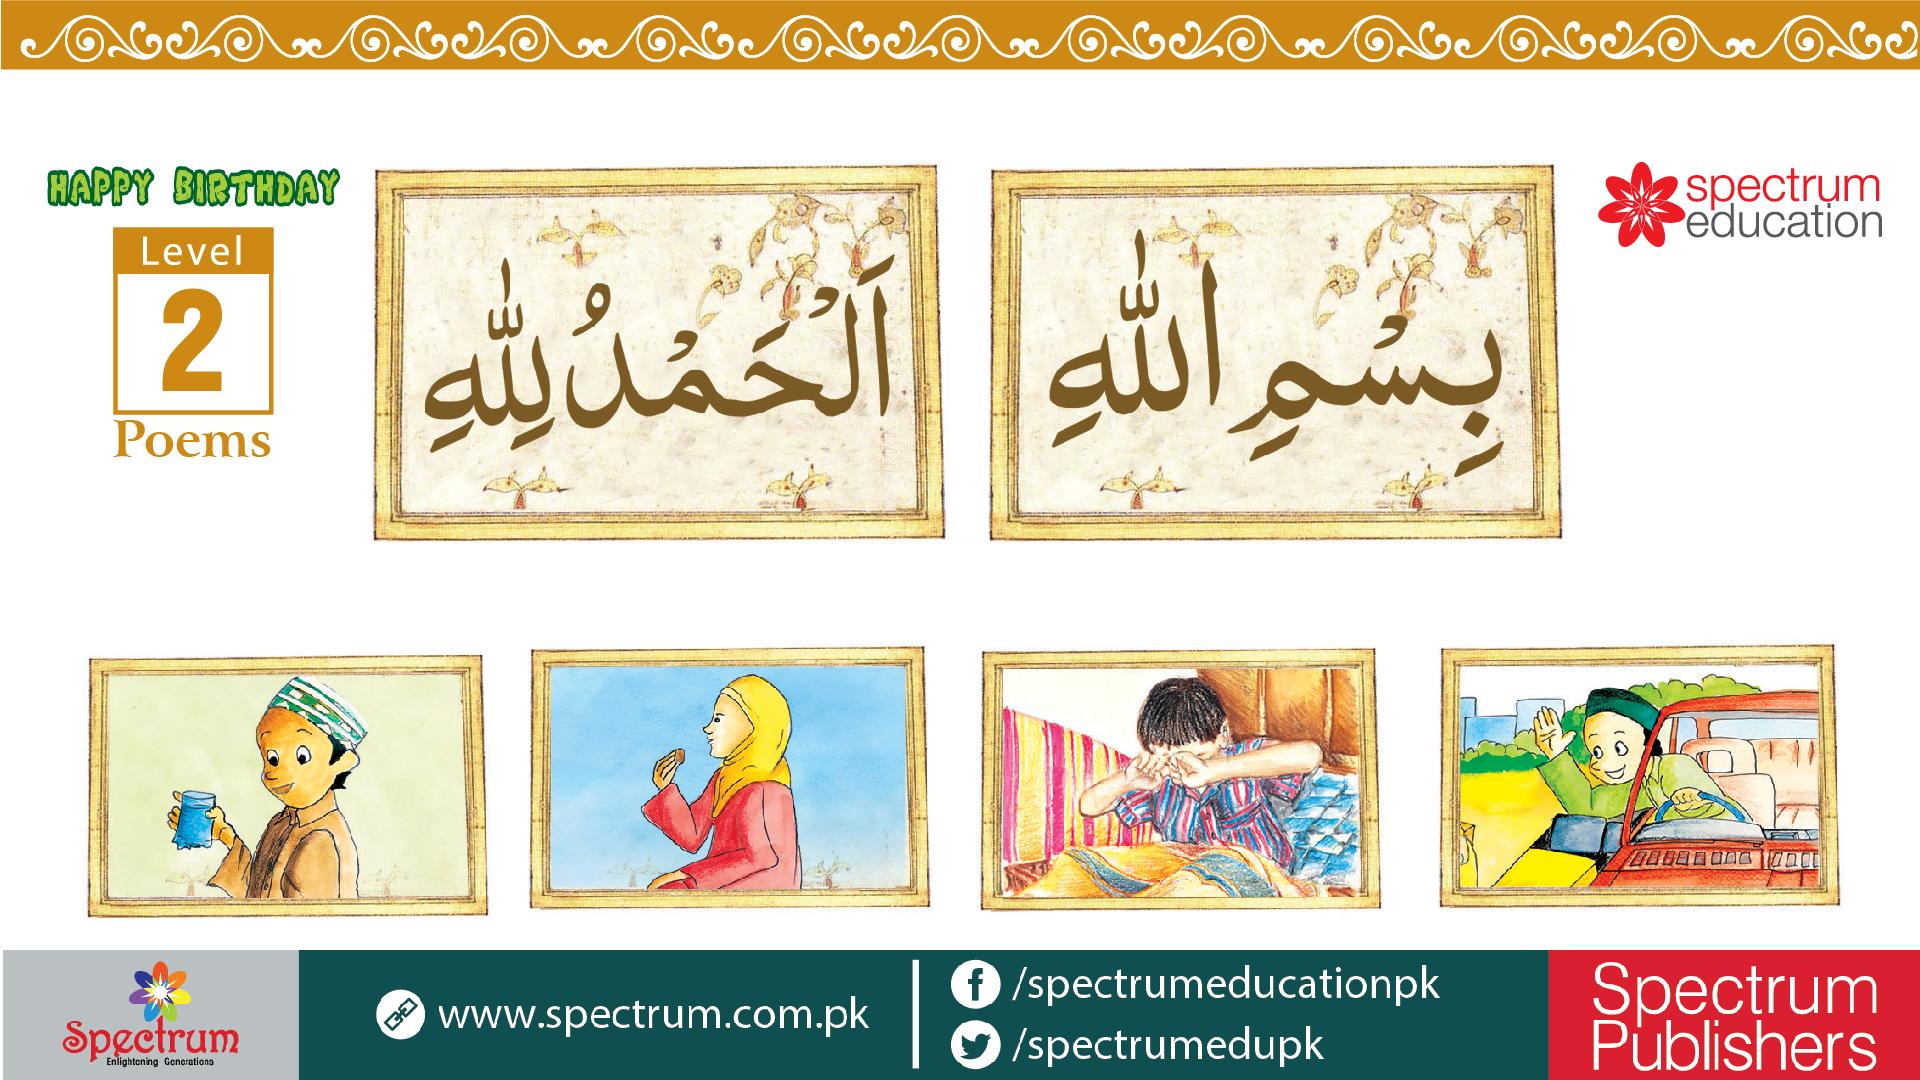 Bismillah Alhamdulillah